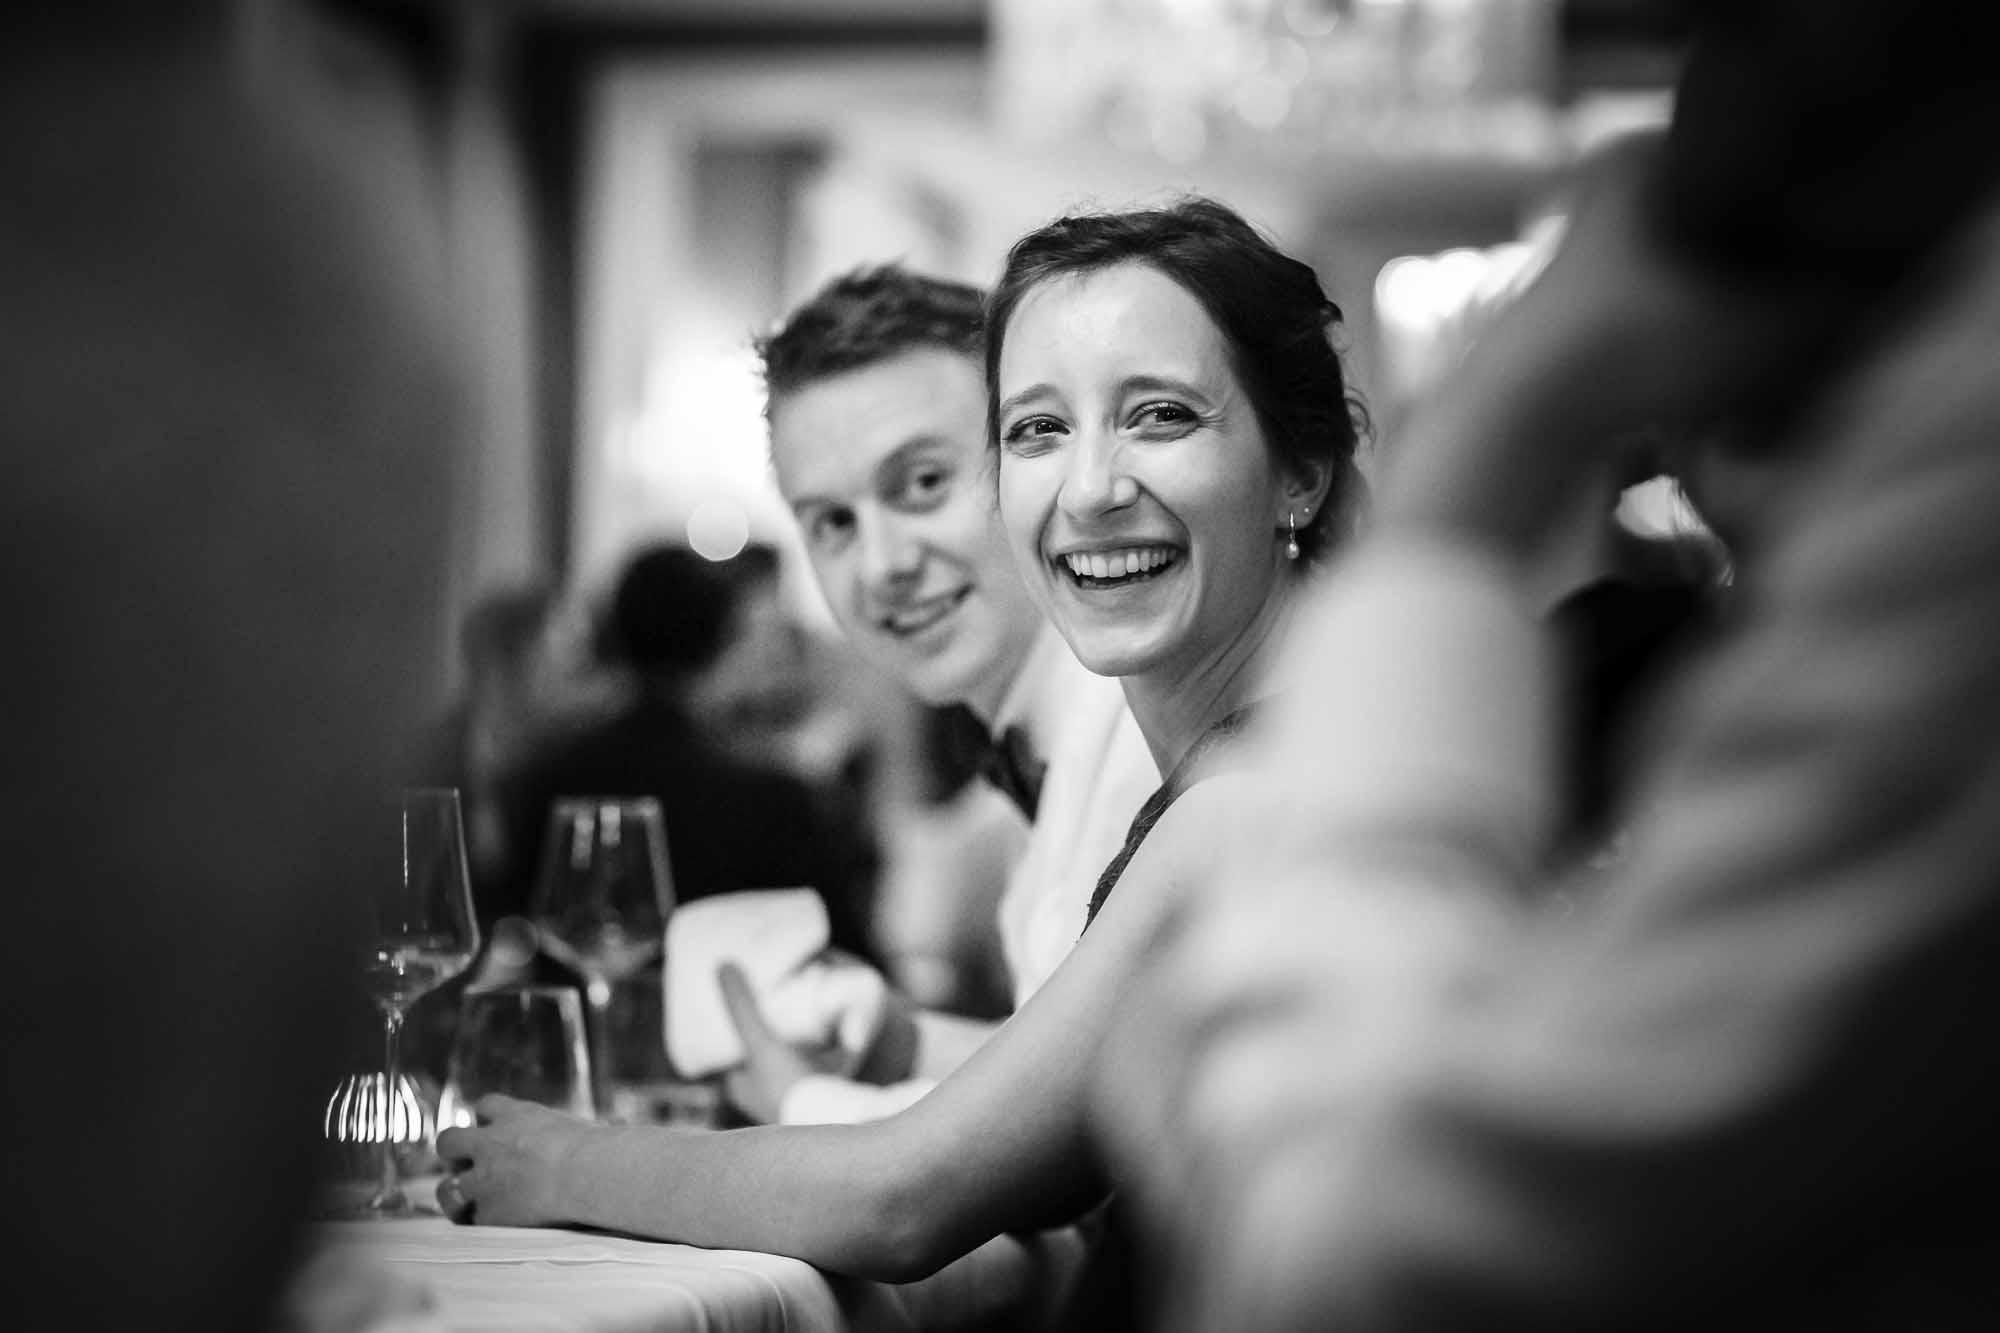 Hochzeitsgast lacht wegen guten Gesprächen